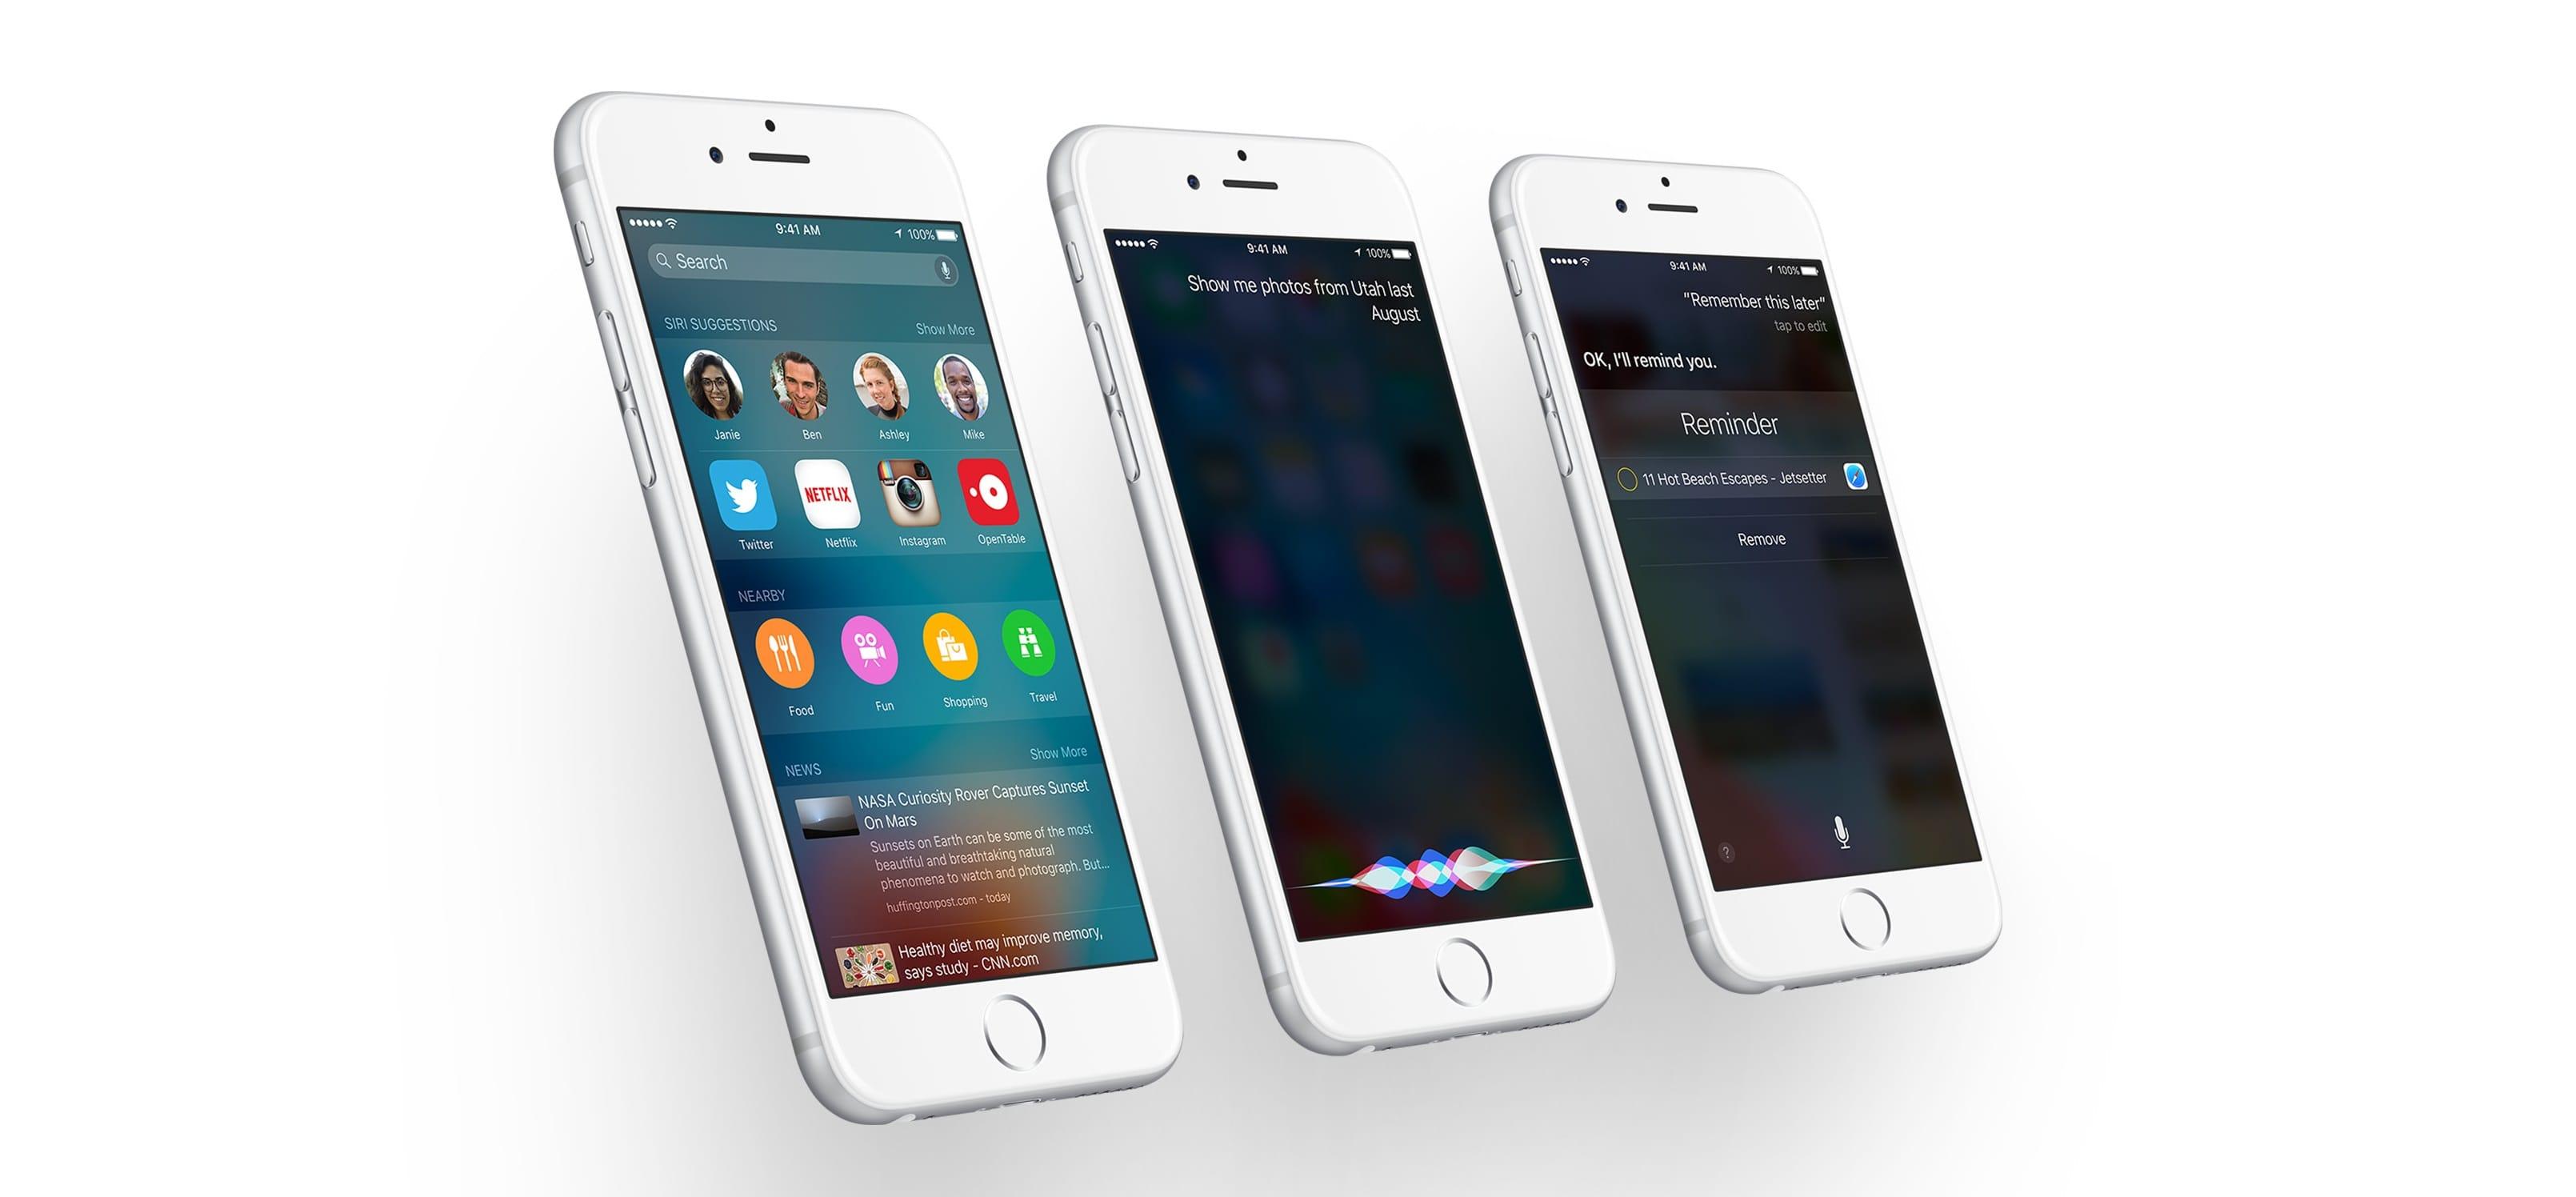 Nowa aplikacja do podłączenia 2016